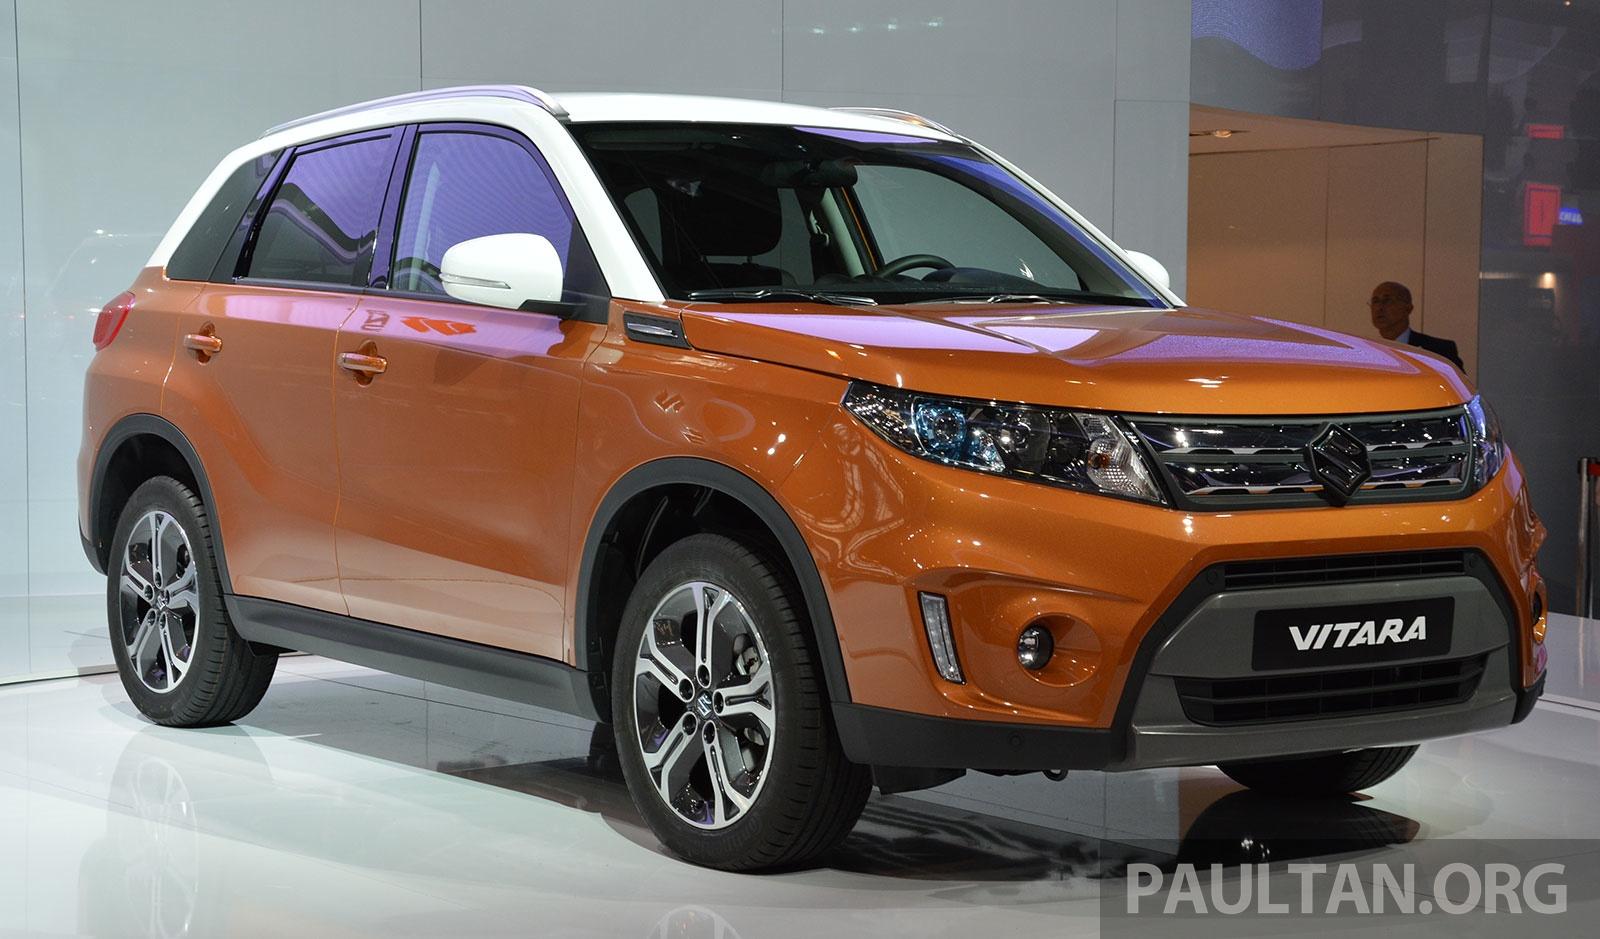 Suzuki Vitara B Segment Suv Fully Unveiled In Paris